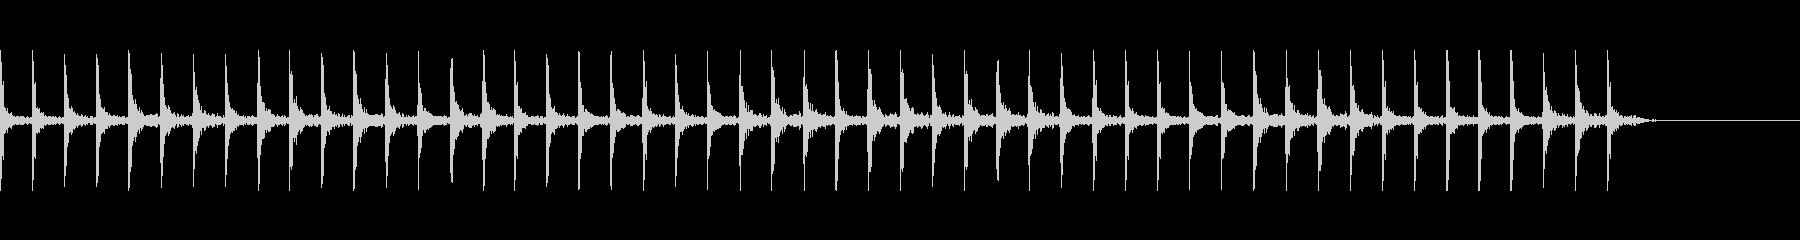 ペチペチ・こんこん・・・(一定間隔)の未再生の波形